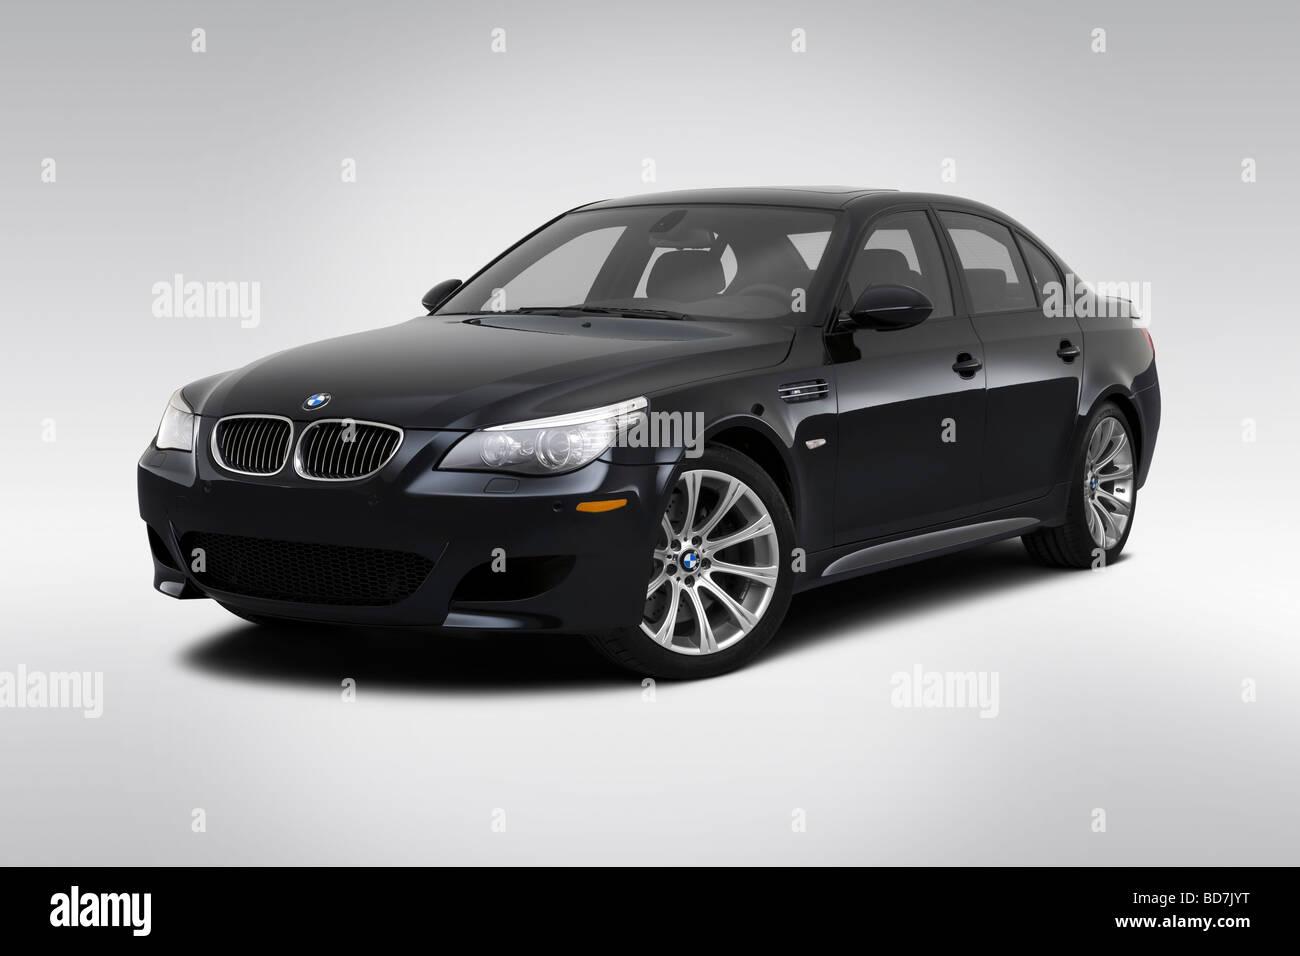 2010 BMW 5 Series M5 In Black